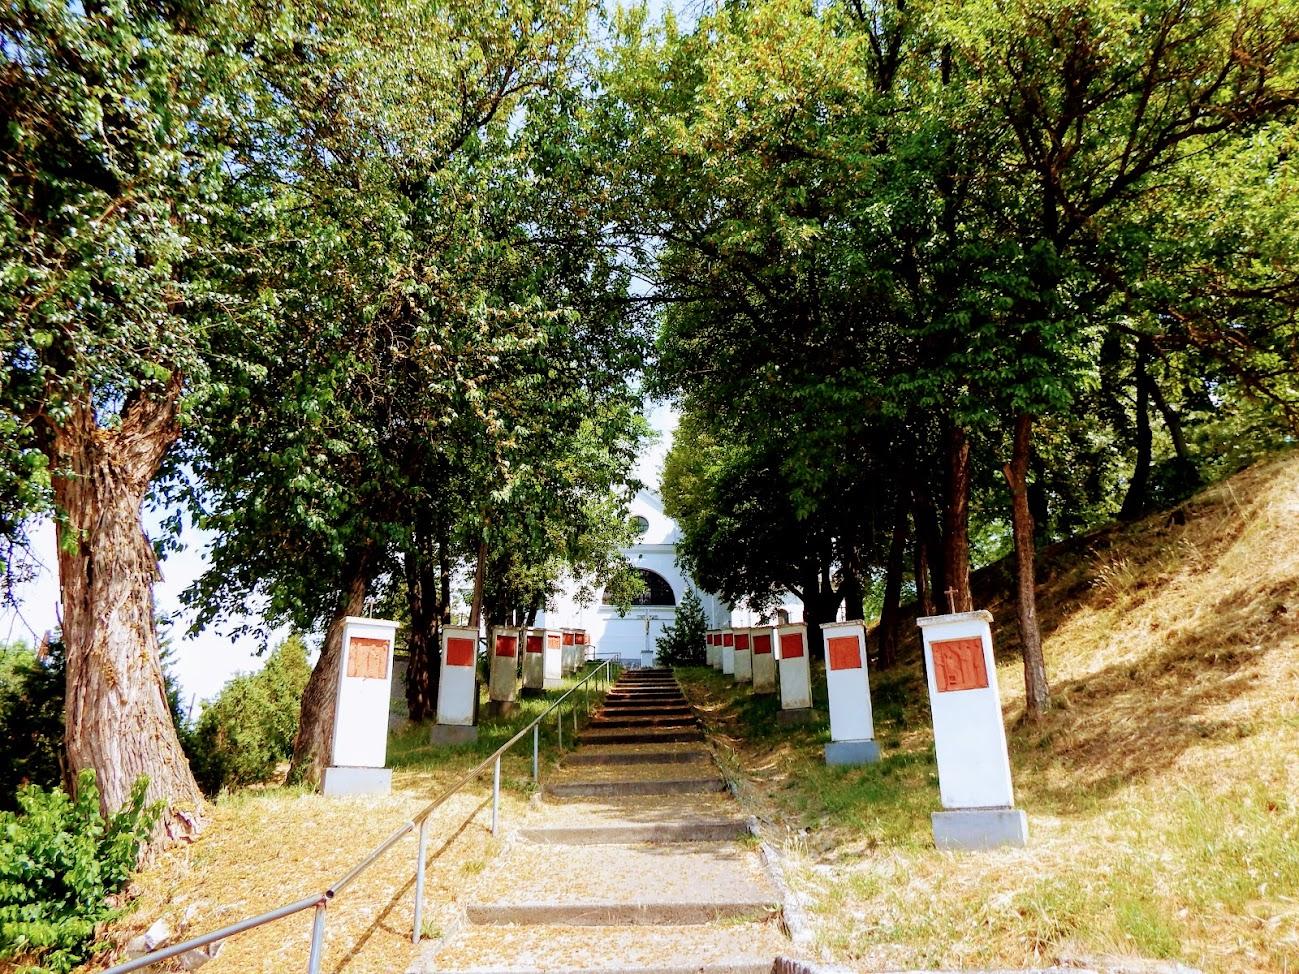 Koppányszántó - Szent Bertalan apostol rk. templom és kálvária a templomdombon